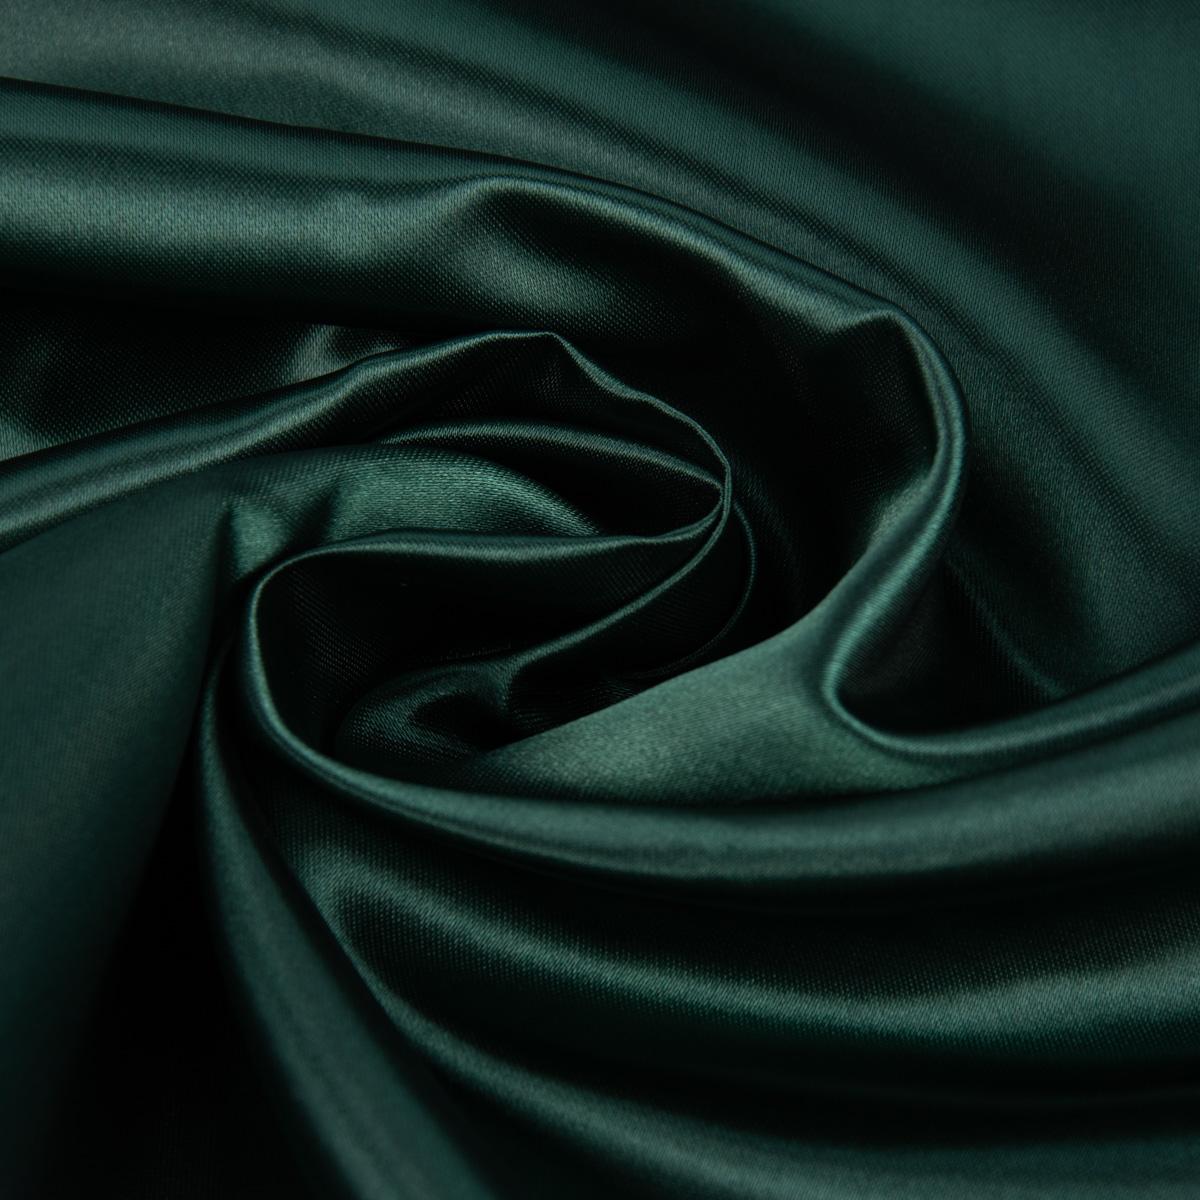 Futterstoff Atmoson dunkelrot 1,40m Breite